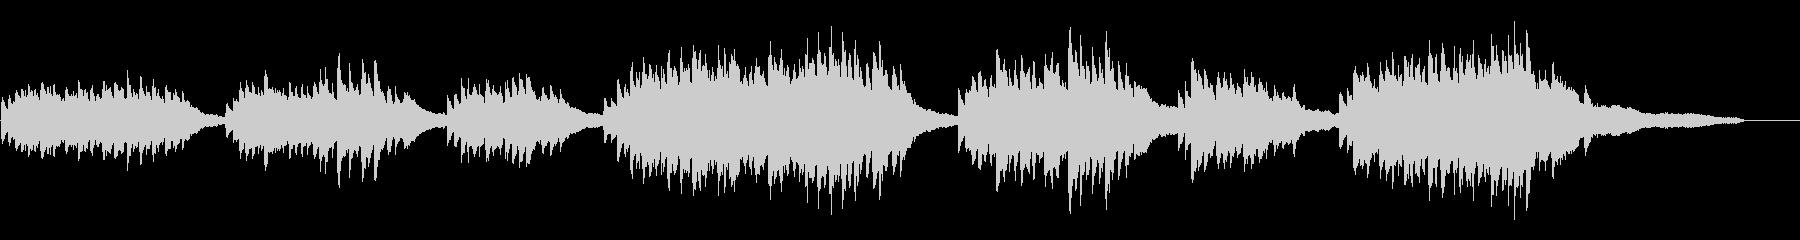 シューマン 我儘で一徹なピアノ曲 高音質の未再生の波形